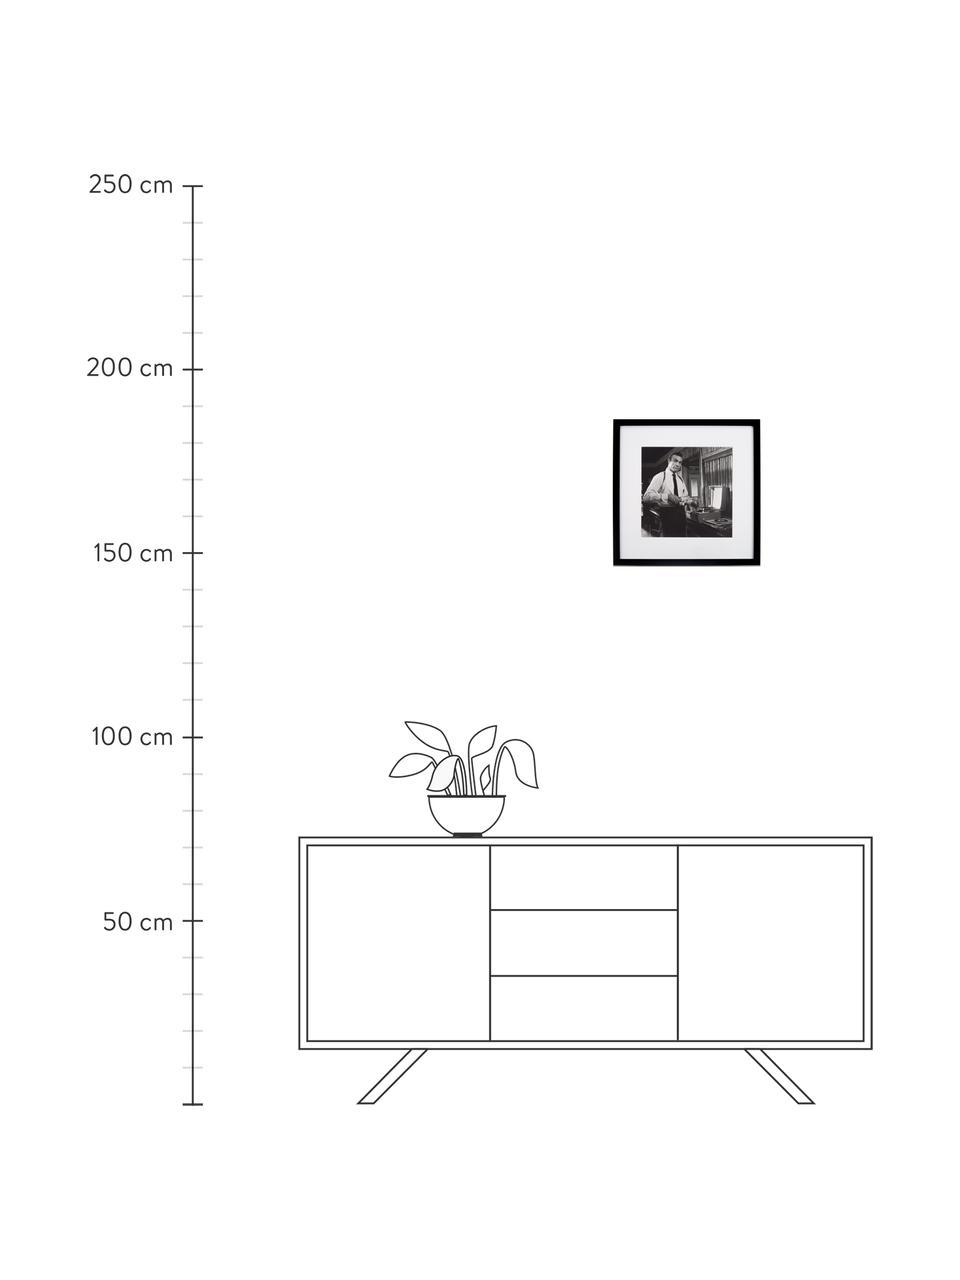 Stampa digitale incorniciata Connery, Immagine: stampa digitale, Cornice: materiale sintetico, Immagine: nero, bianco Cornice: nero, L 40 x A 40 cm